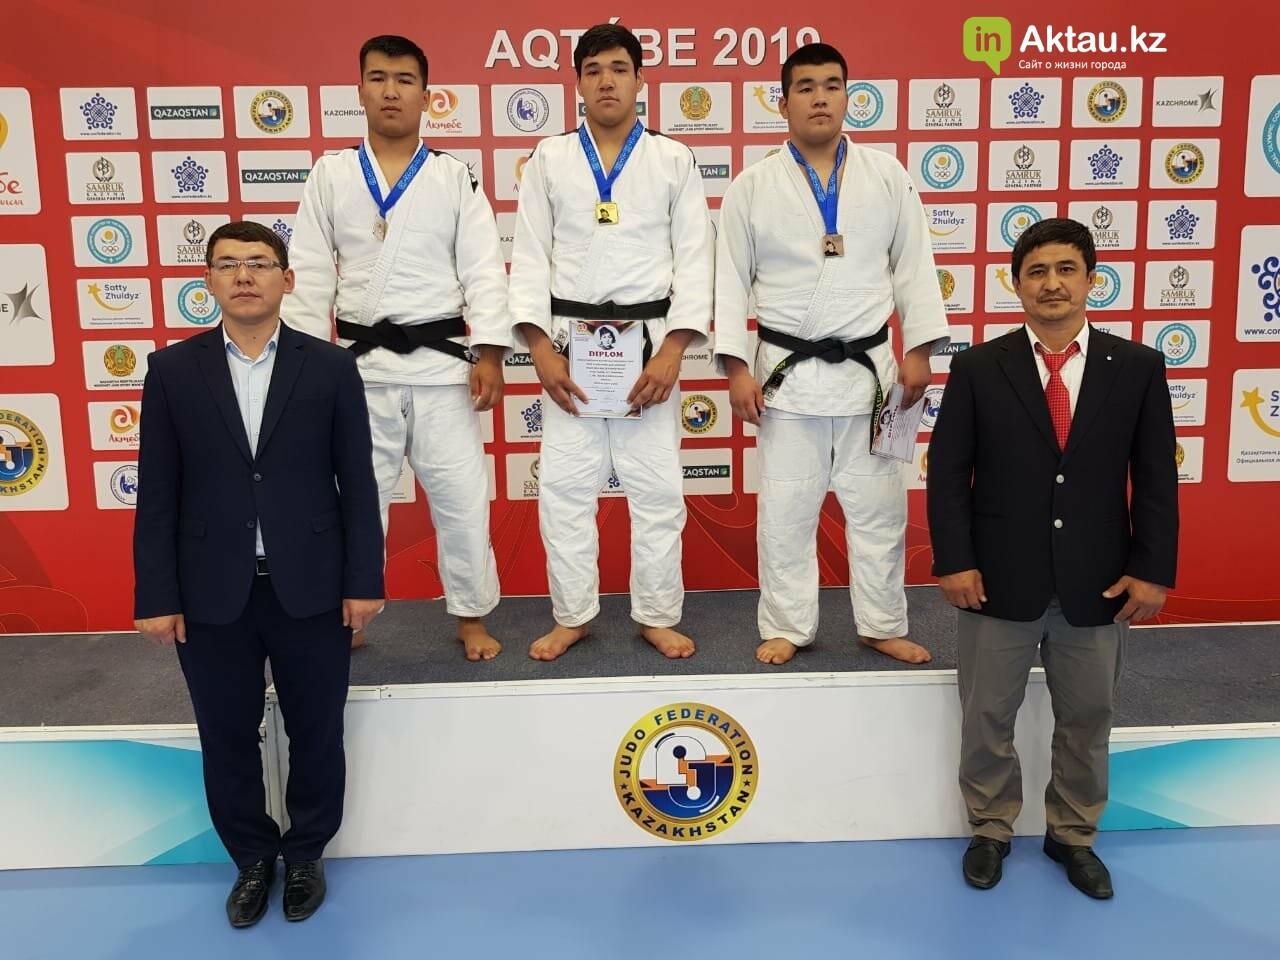 Четыре медали завоевали дзюдоисты из Мангистау на международном турнире, фото-3